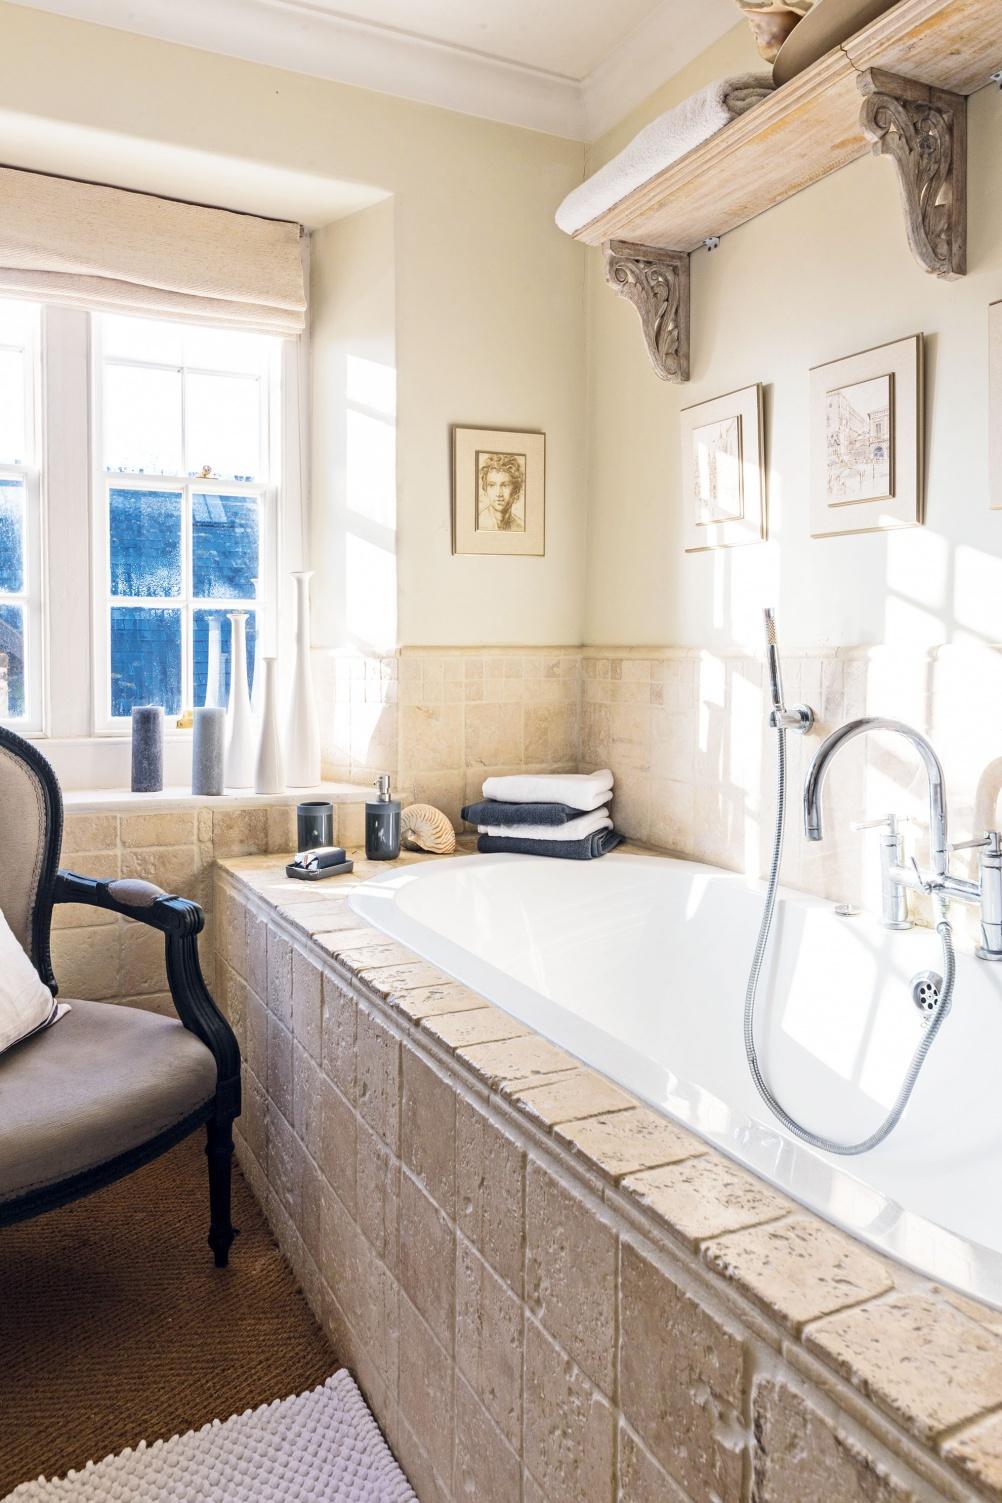 30 good ideas and pictures classic bathroom floor tile ... on Farmhouse Tile Bathroom Floor  id=96130